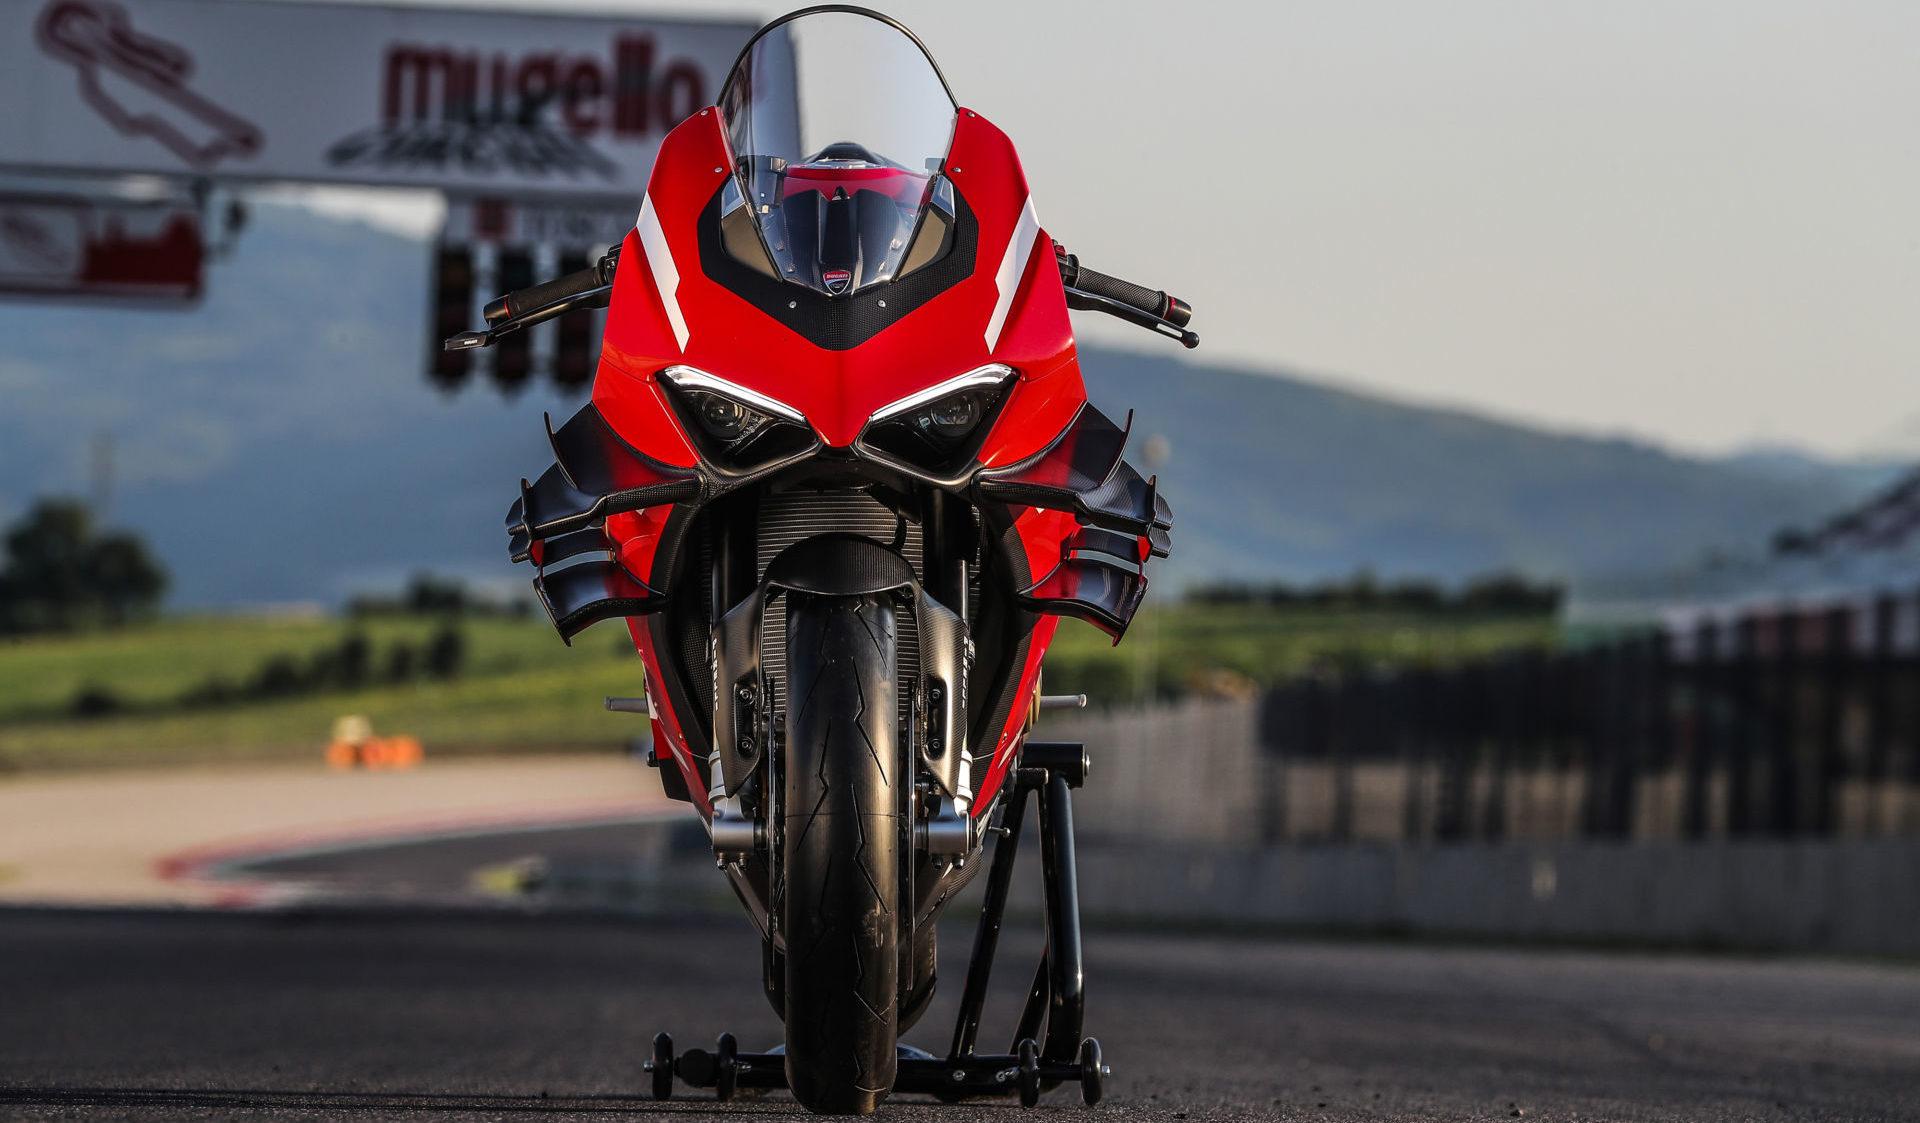 A Ducati Superleggra V4 at Mugello. Photo courtesy Ducati.